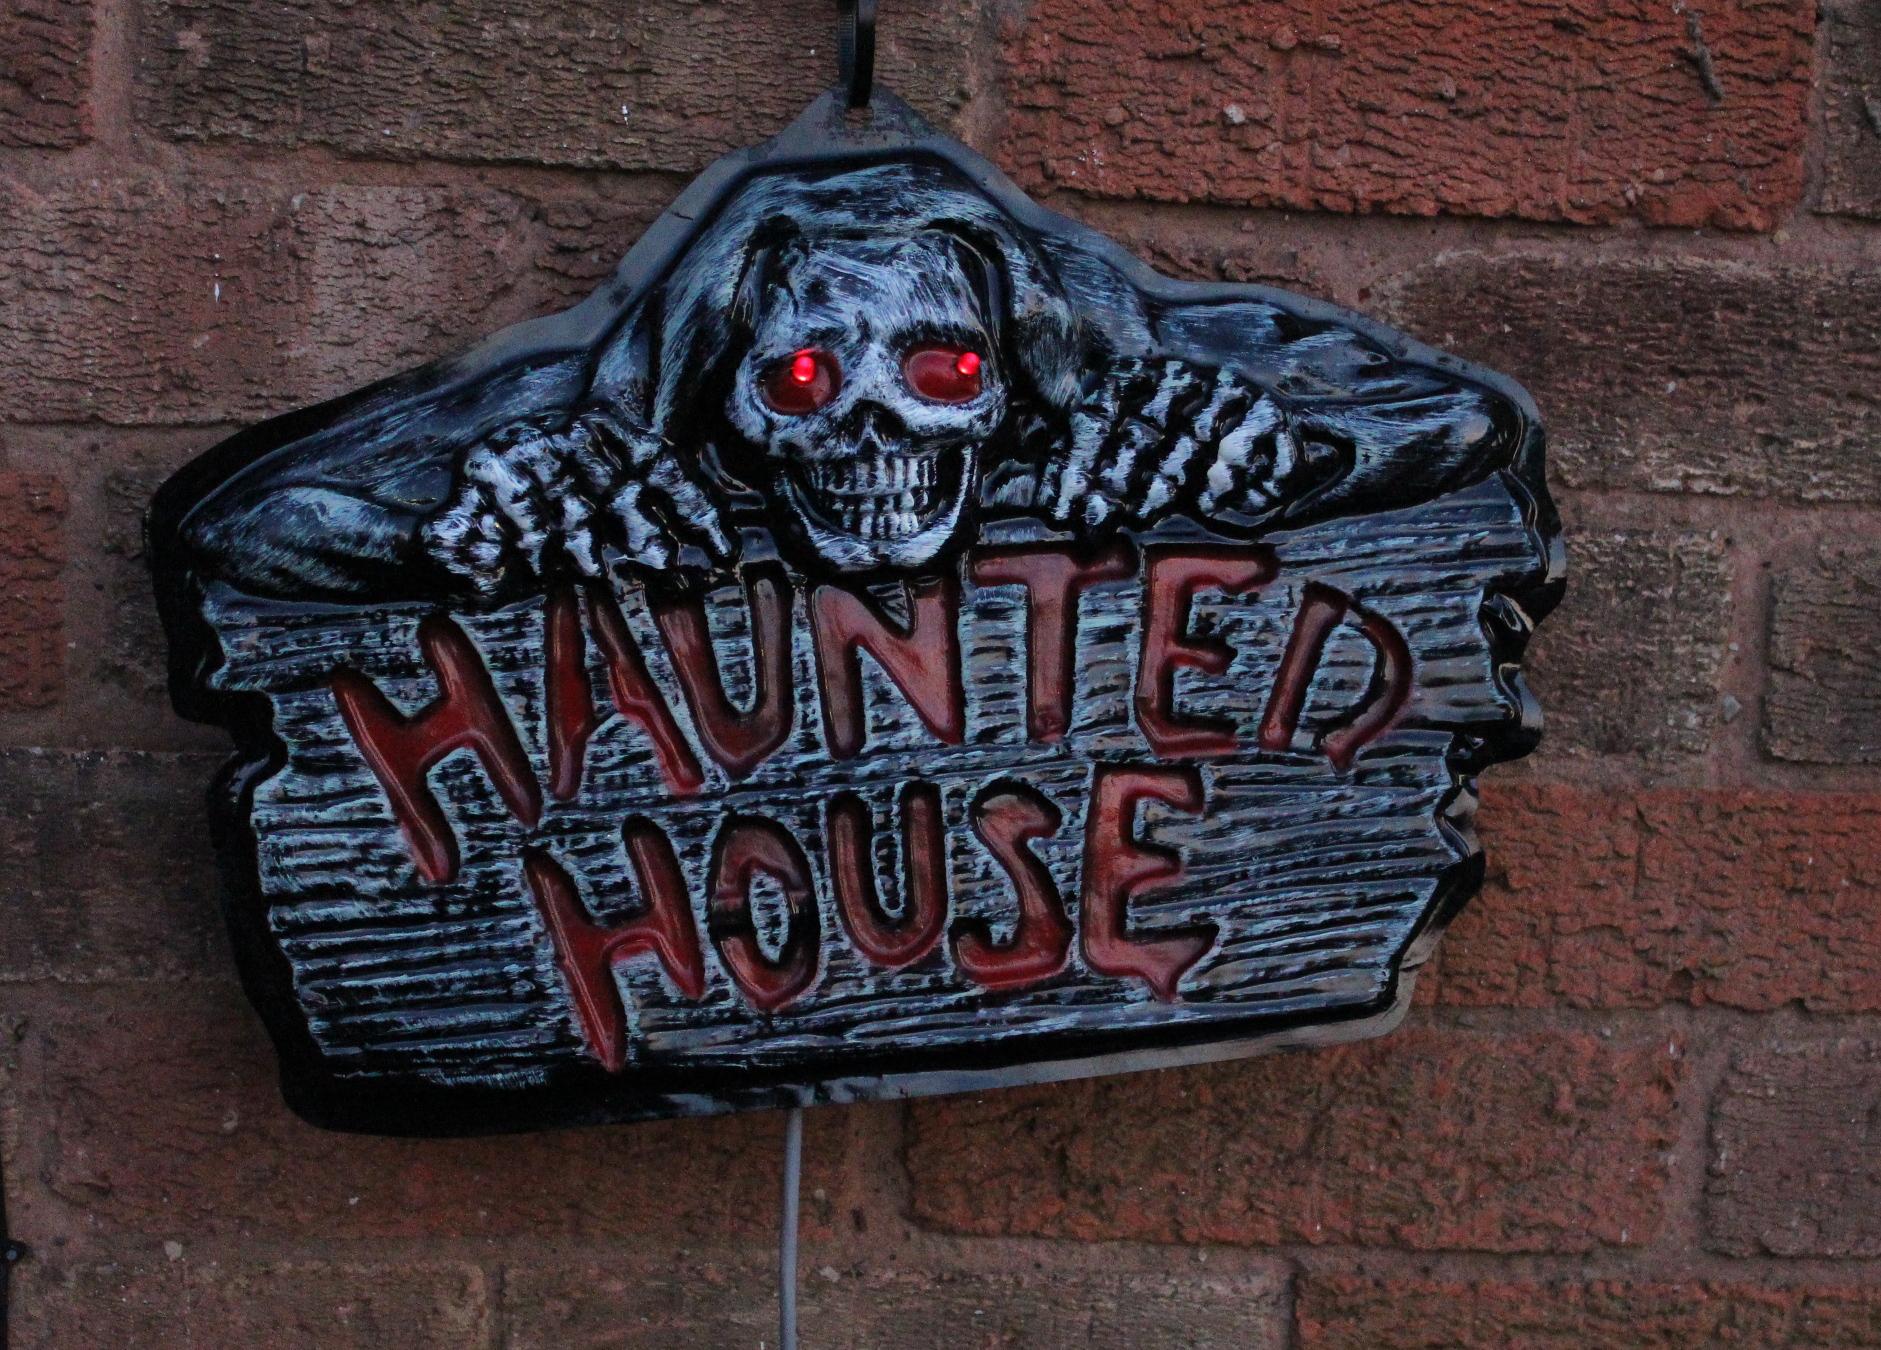 A Halloween themed doorbell